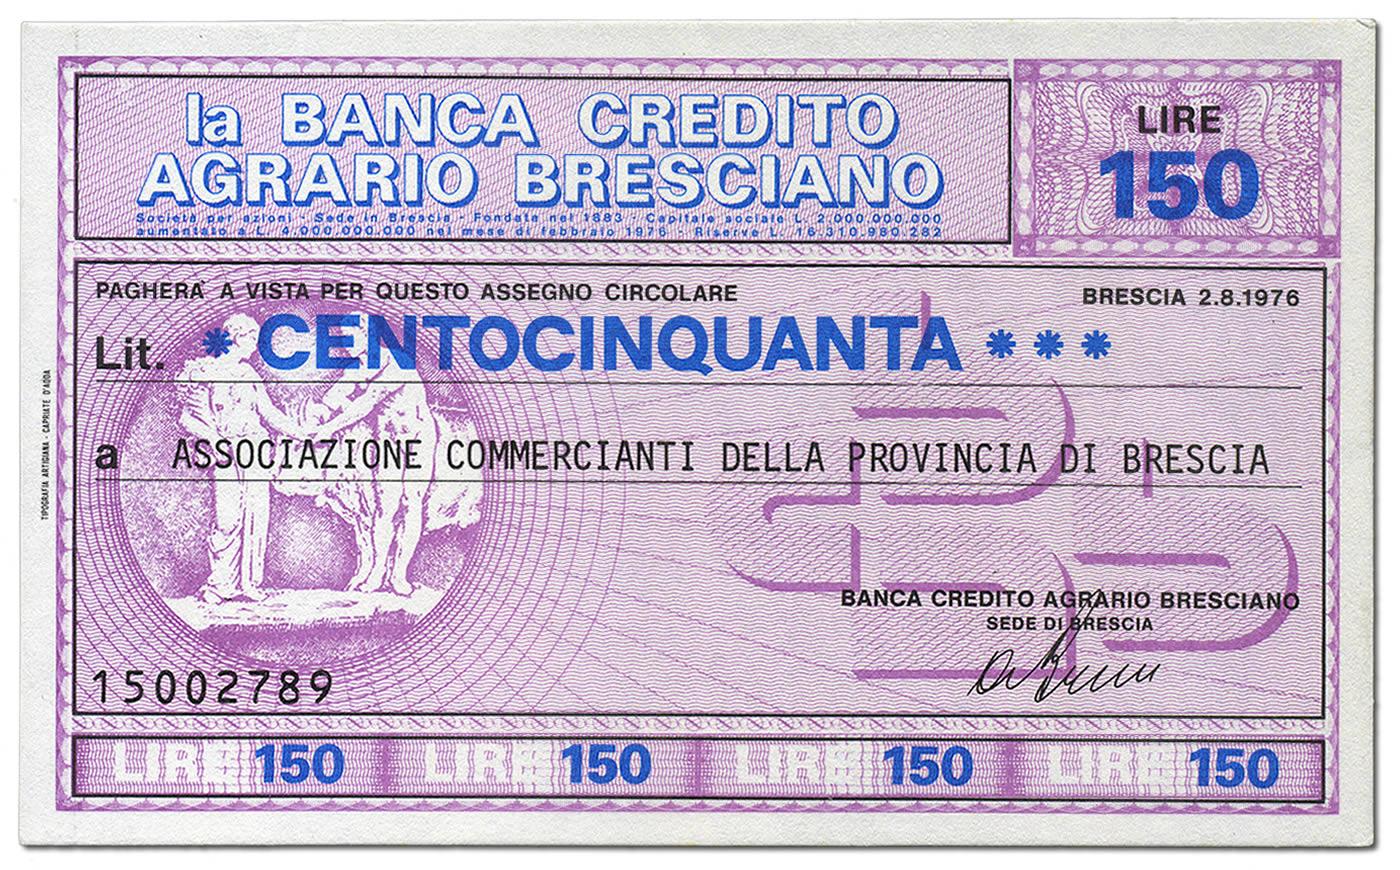 Lire 150 Banca Credito Agrario Bresciano